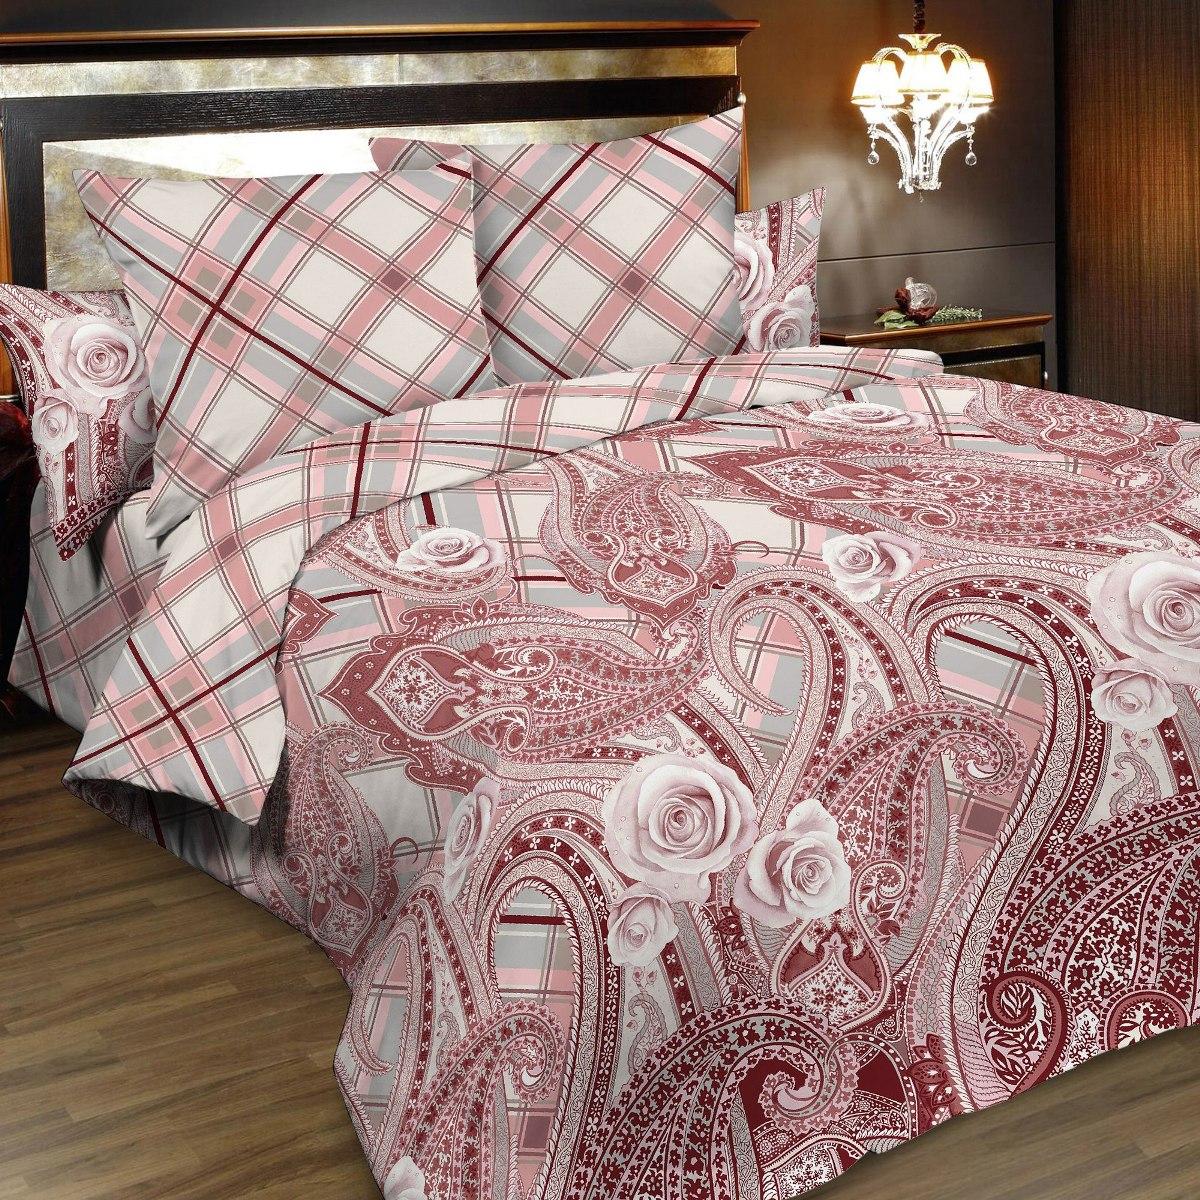 Комплект белья Letto, семейный, наволочки 70х70, цвет: розовый. B169-7 комплект белья letto семейный наволочки 70х70 цвет голубой синий b183 7